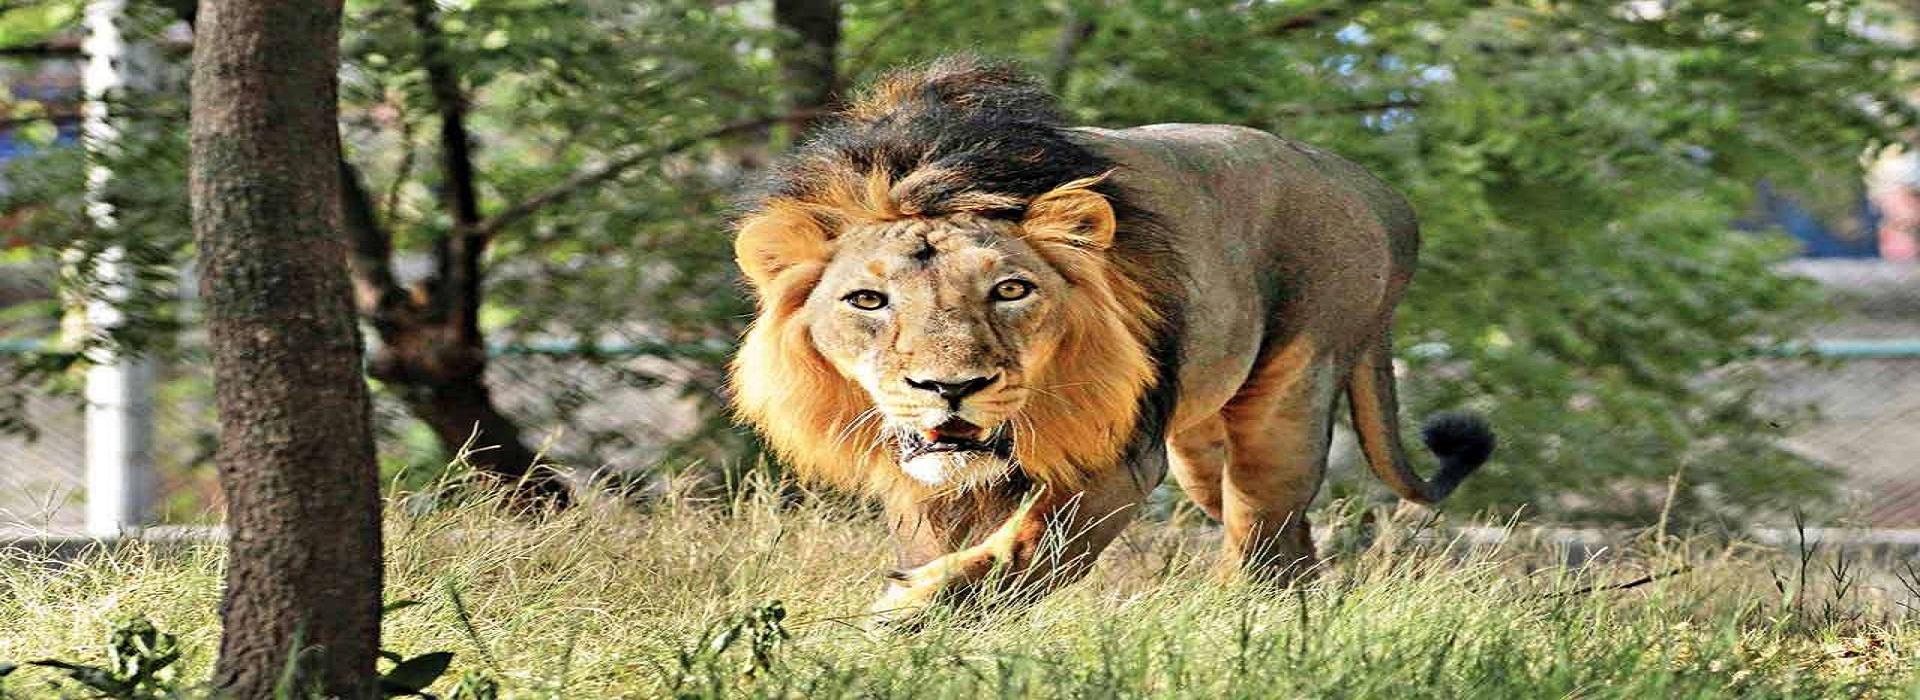 Visiting Lion Safari Etawah in Agra Tour